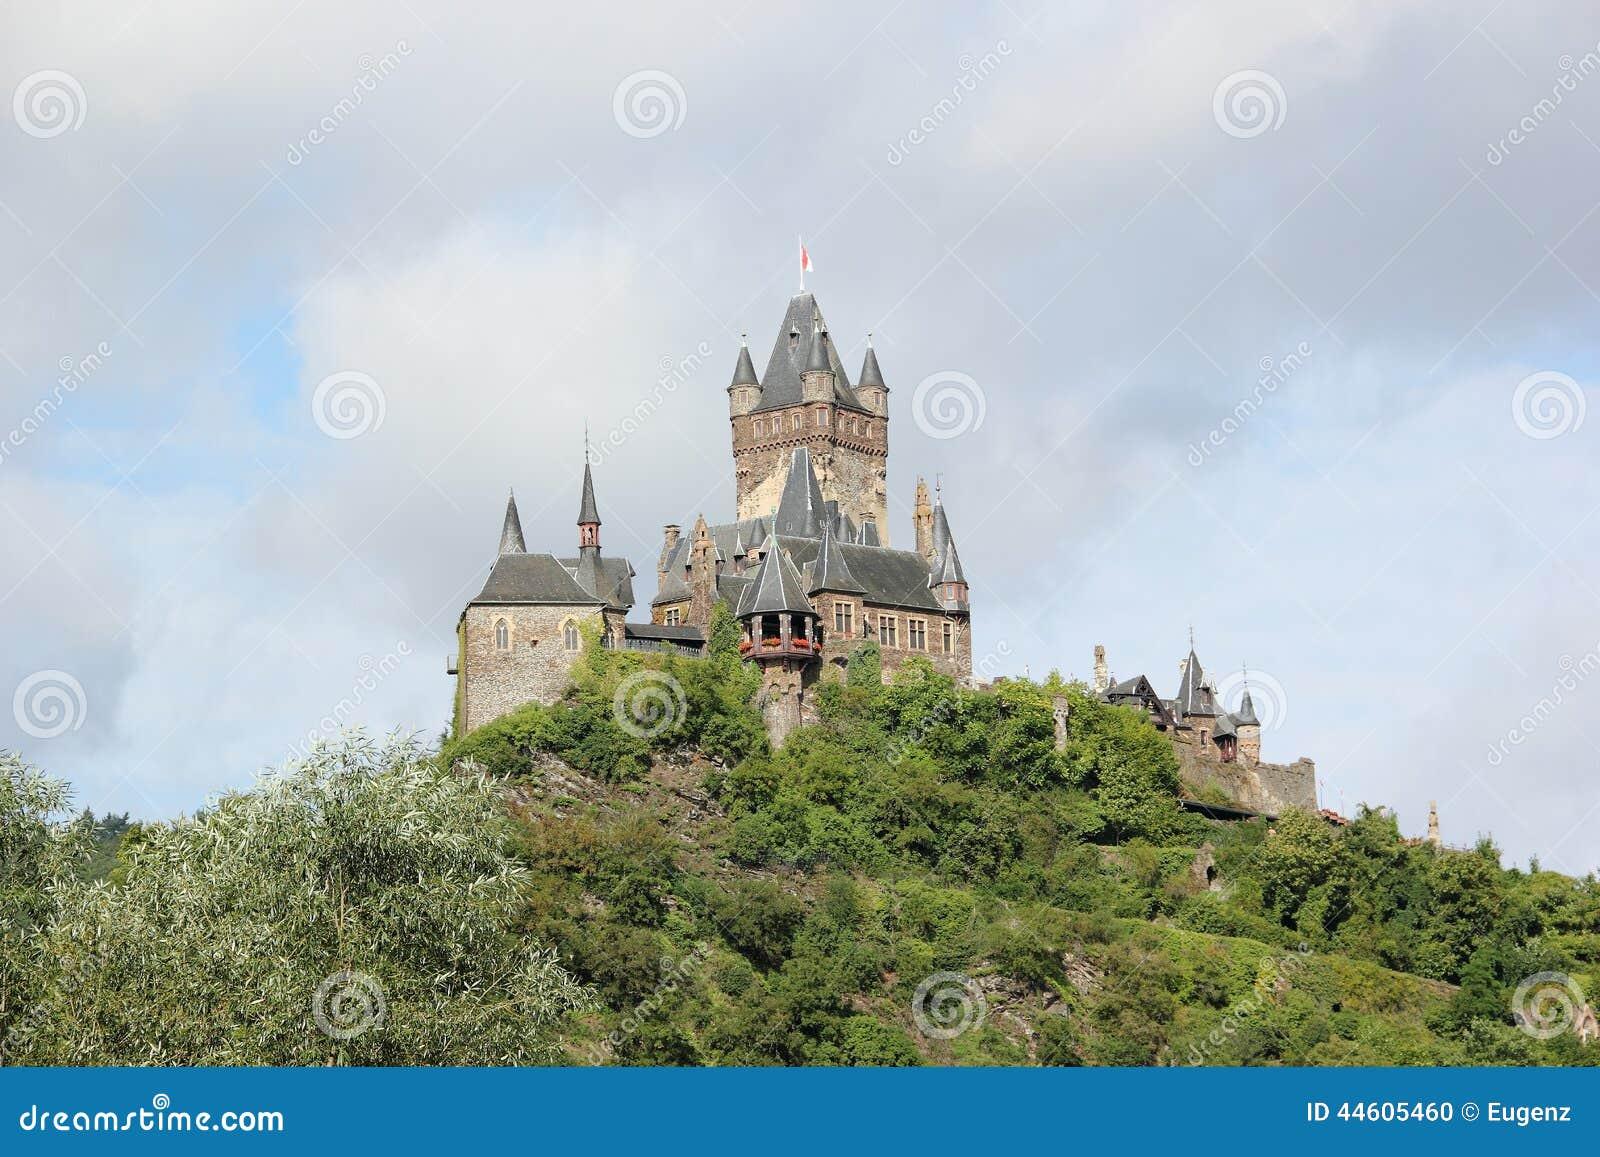 El castillo imperial de Cochem (Reichsburg), Alemania